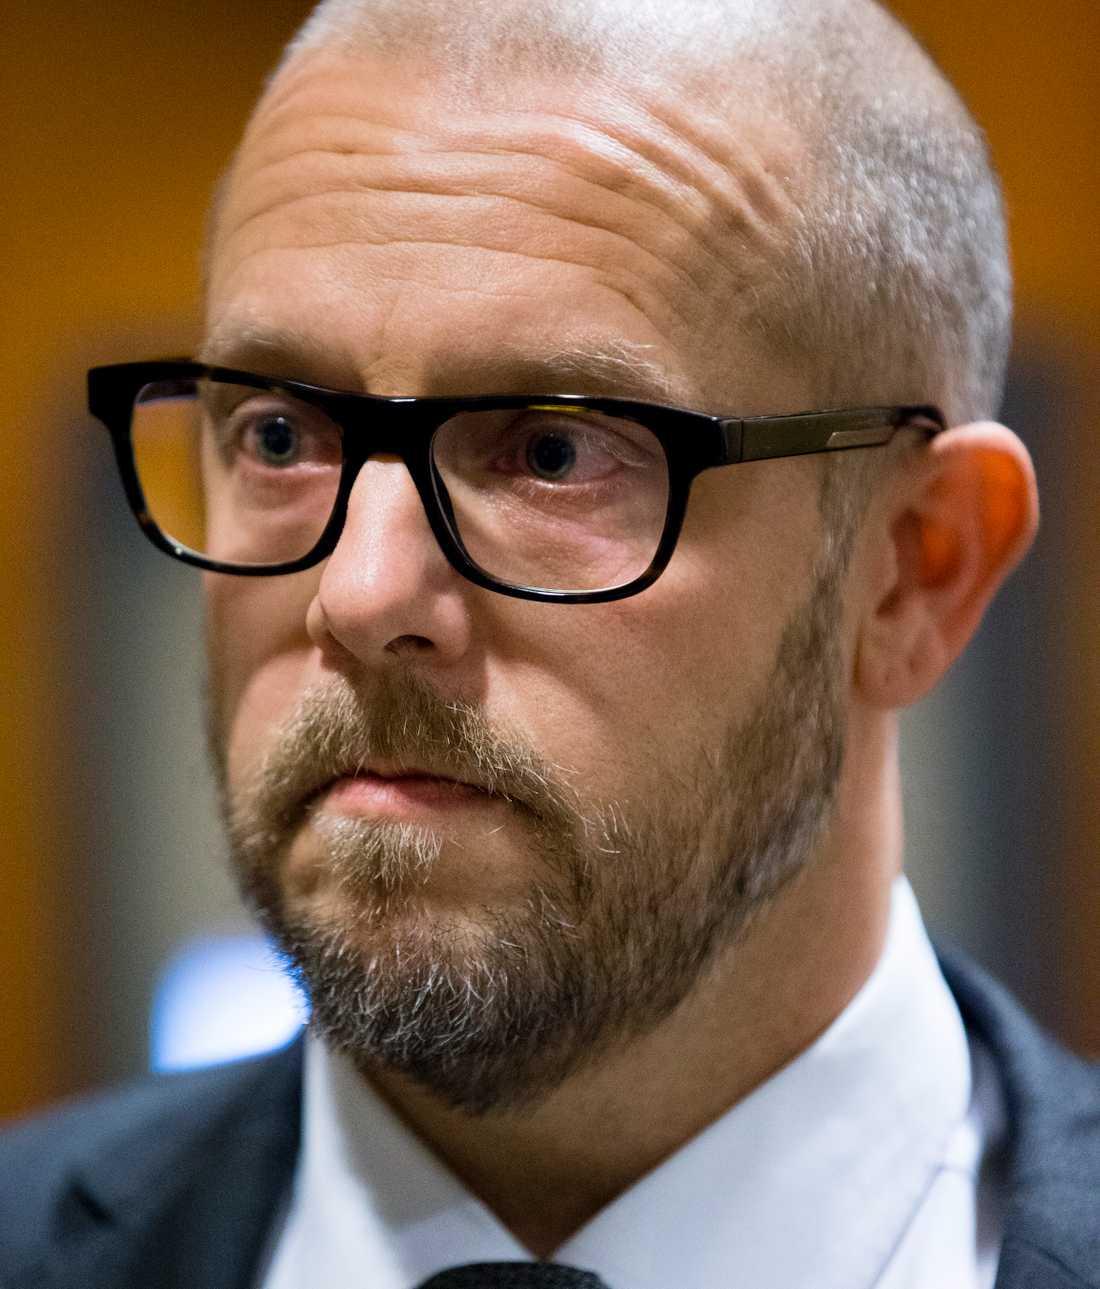 Åklagare Mats Ihlbom.